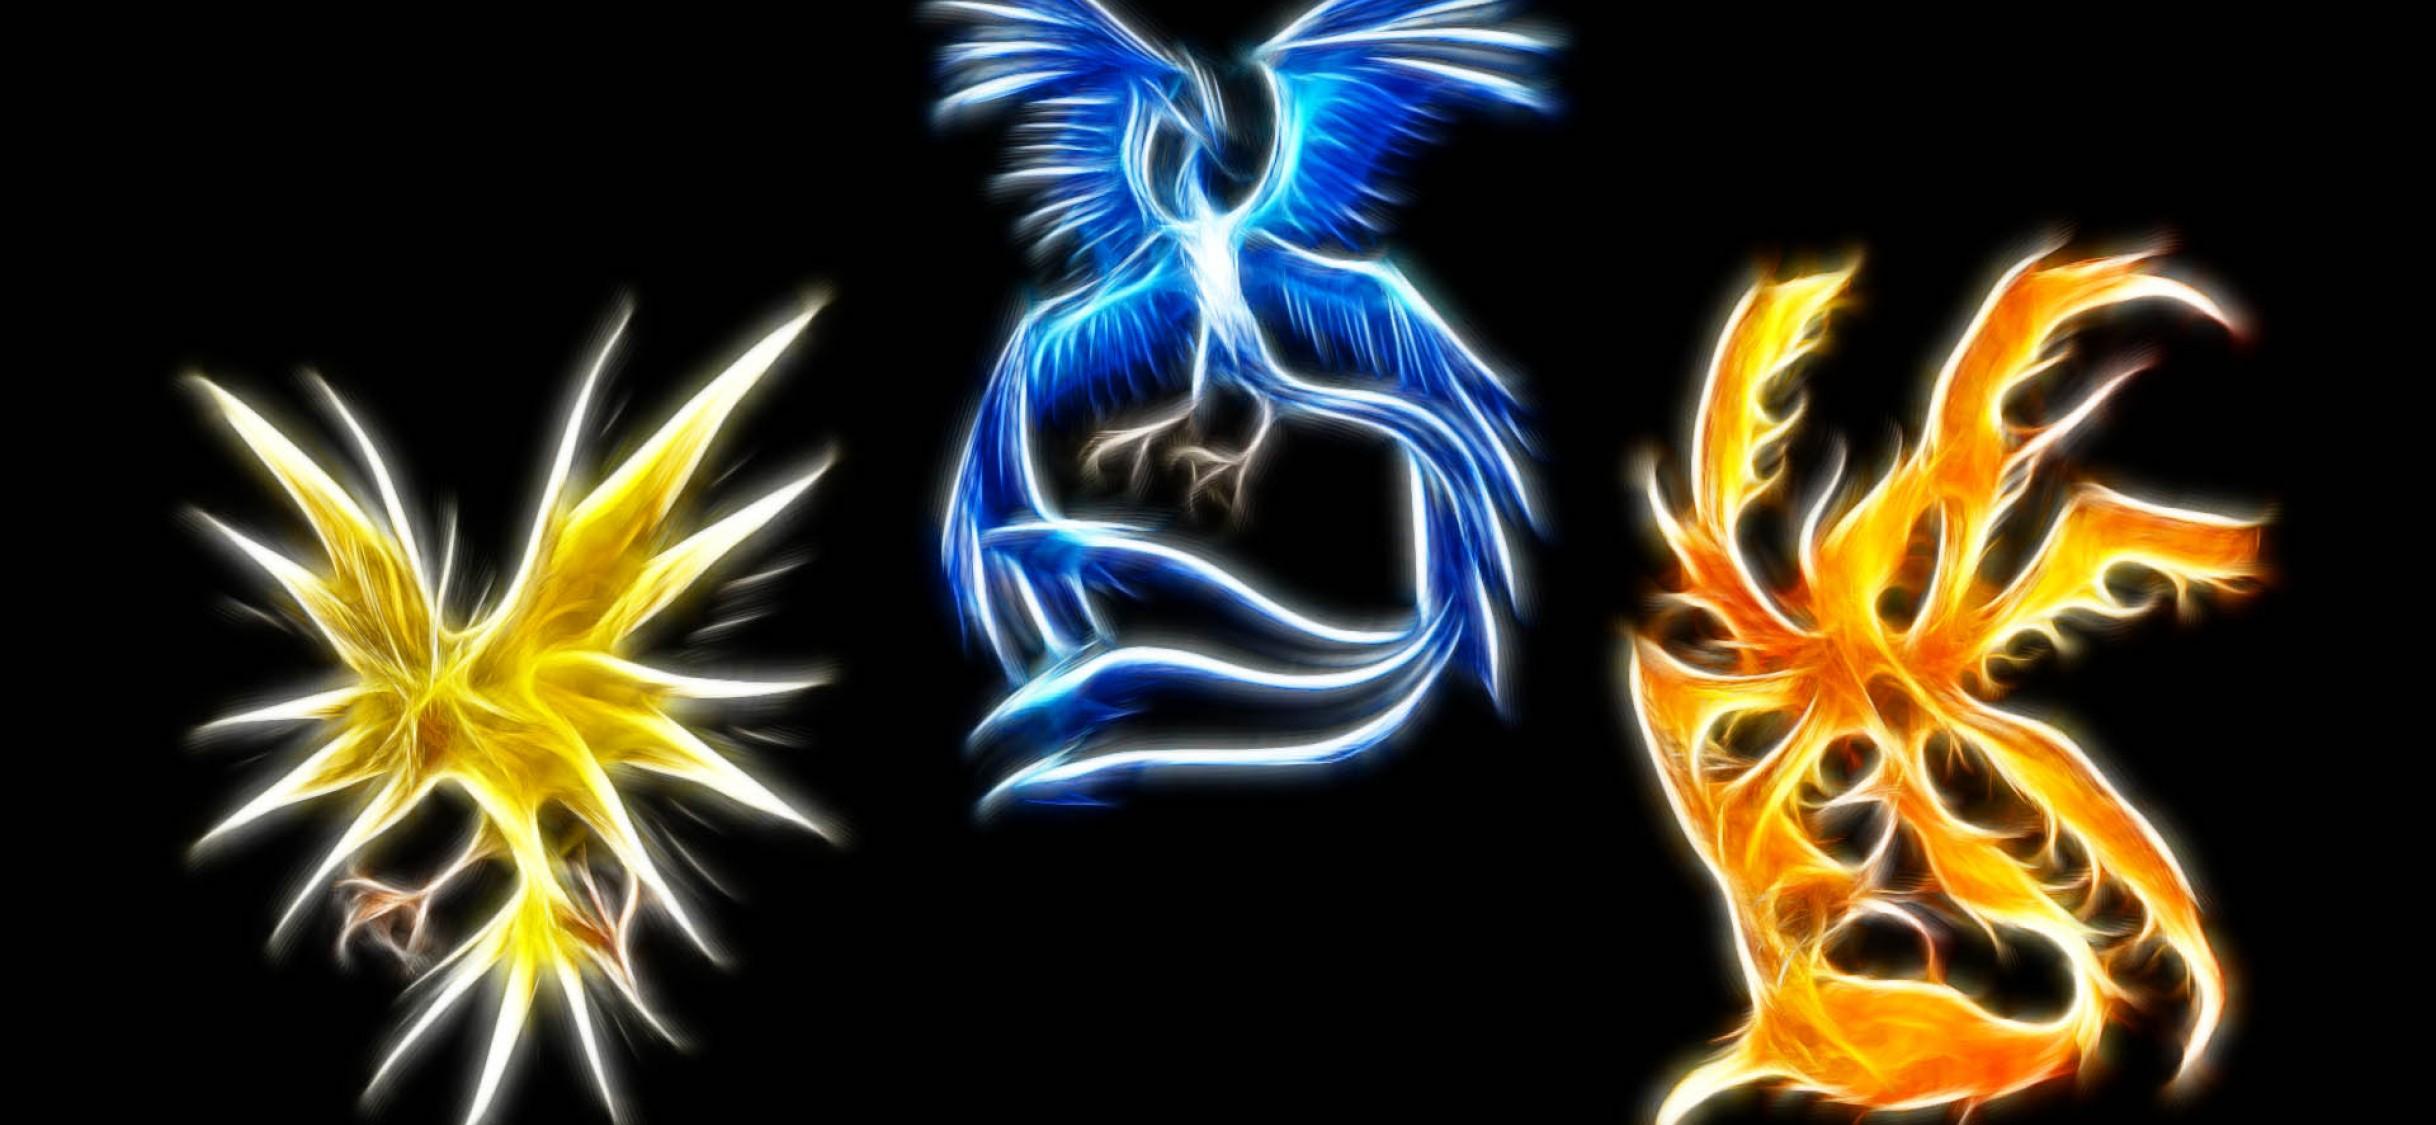 All Legendary Pokemon 3d Wallpaper For Desktop And Mobiles